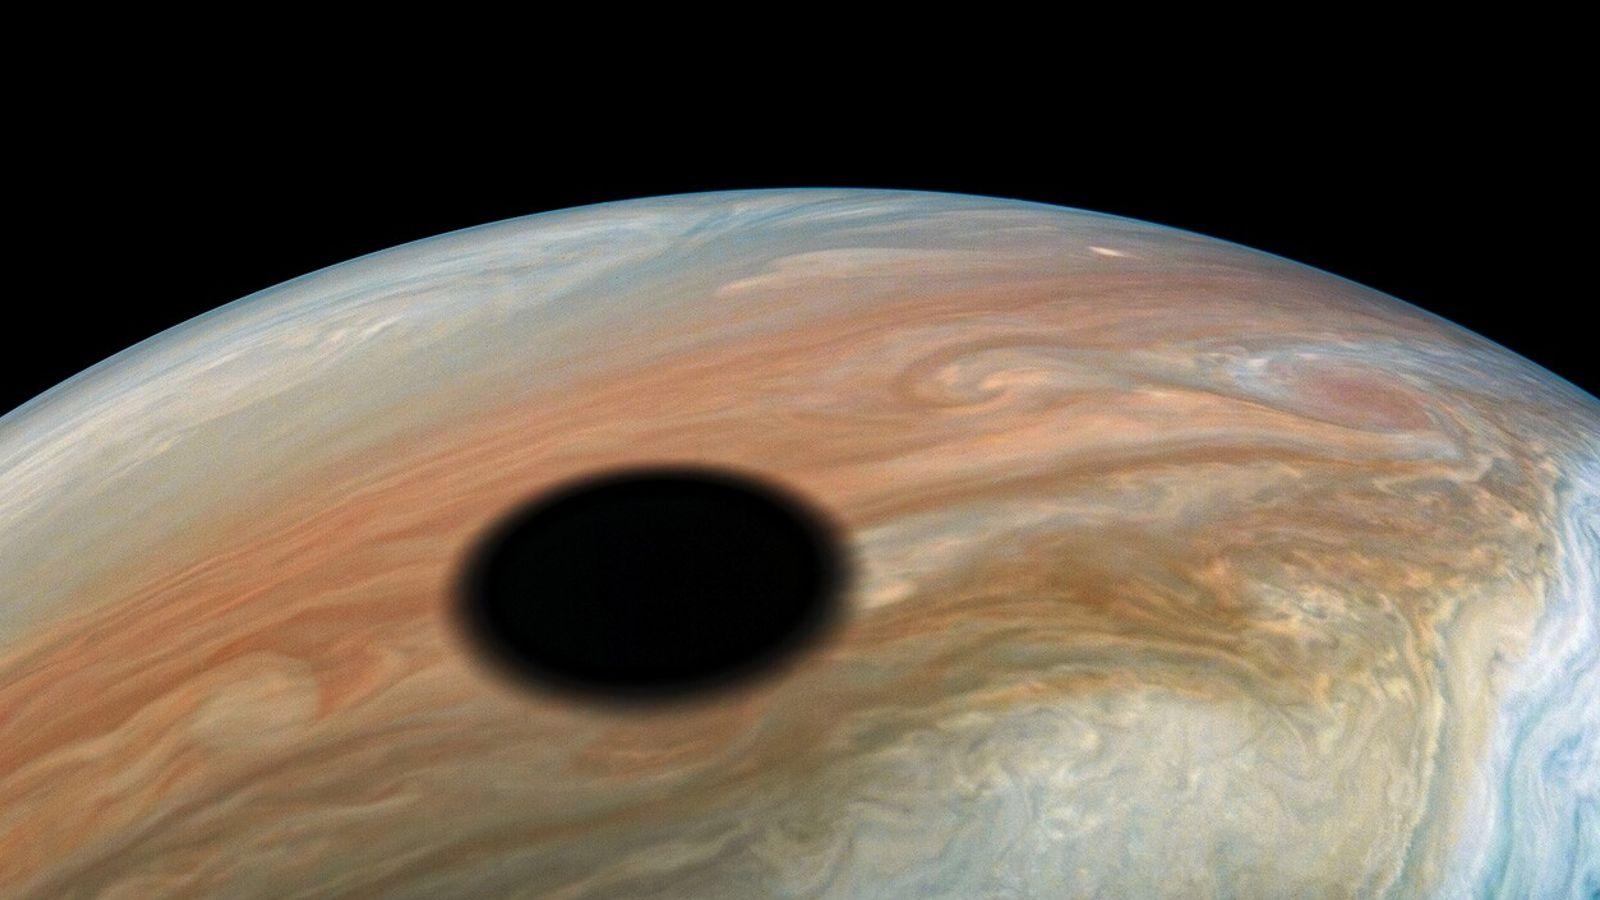 Io, la luna de Júpiter, un mundo volcánico que orbita el planeta una vez cada 42 ...